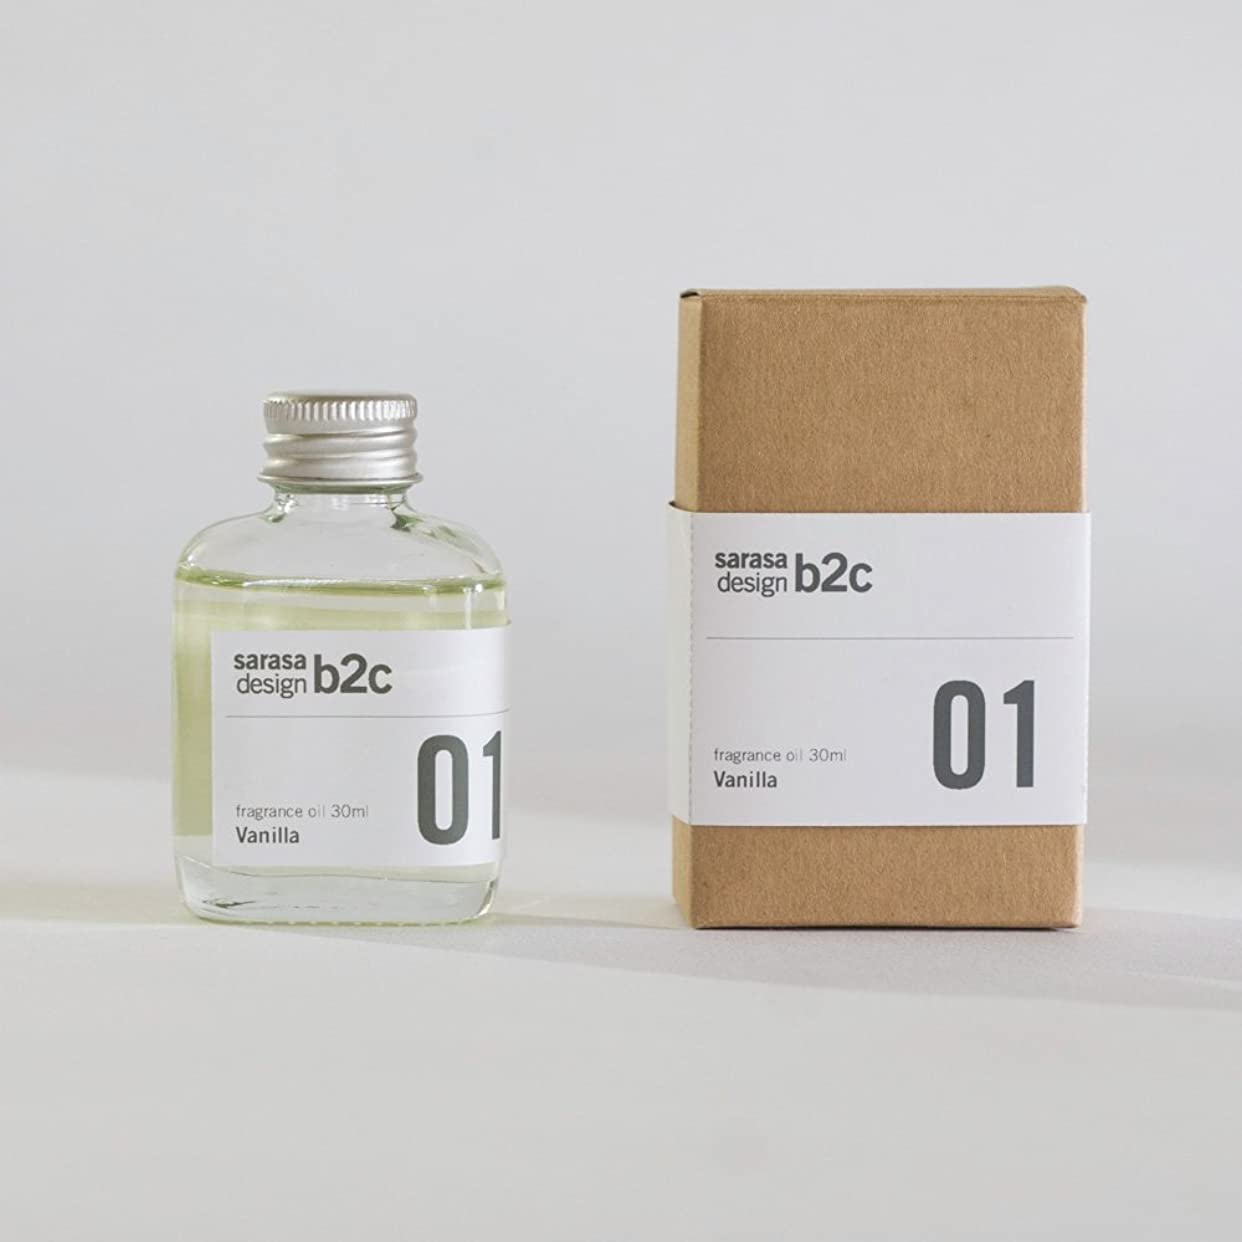 デッド反逆者時間厳守ar035sb/b2c エッセンシャルオイル30ml《スプリングブリーズ》| 芳香剤 ルームエッセンシャル リードディフューザー アロマ ディフューザー